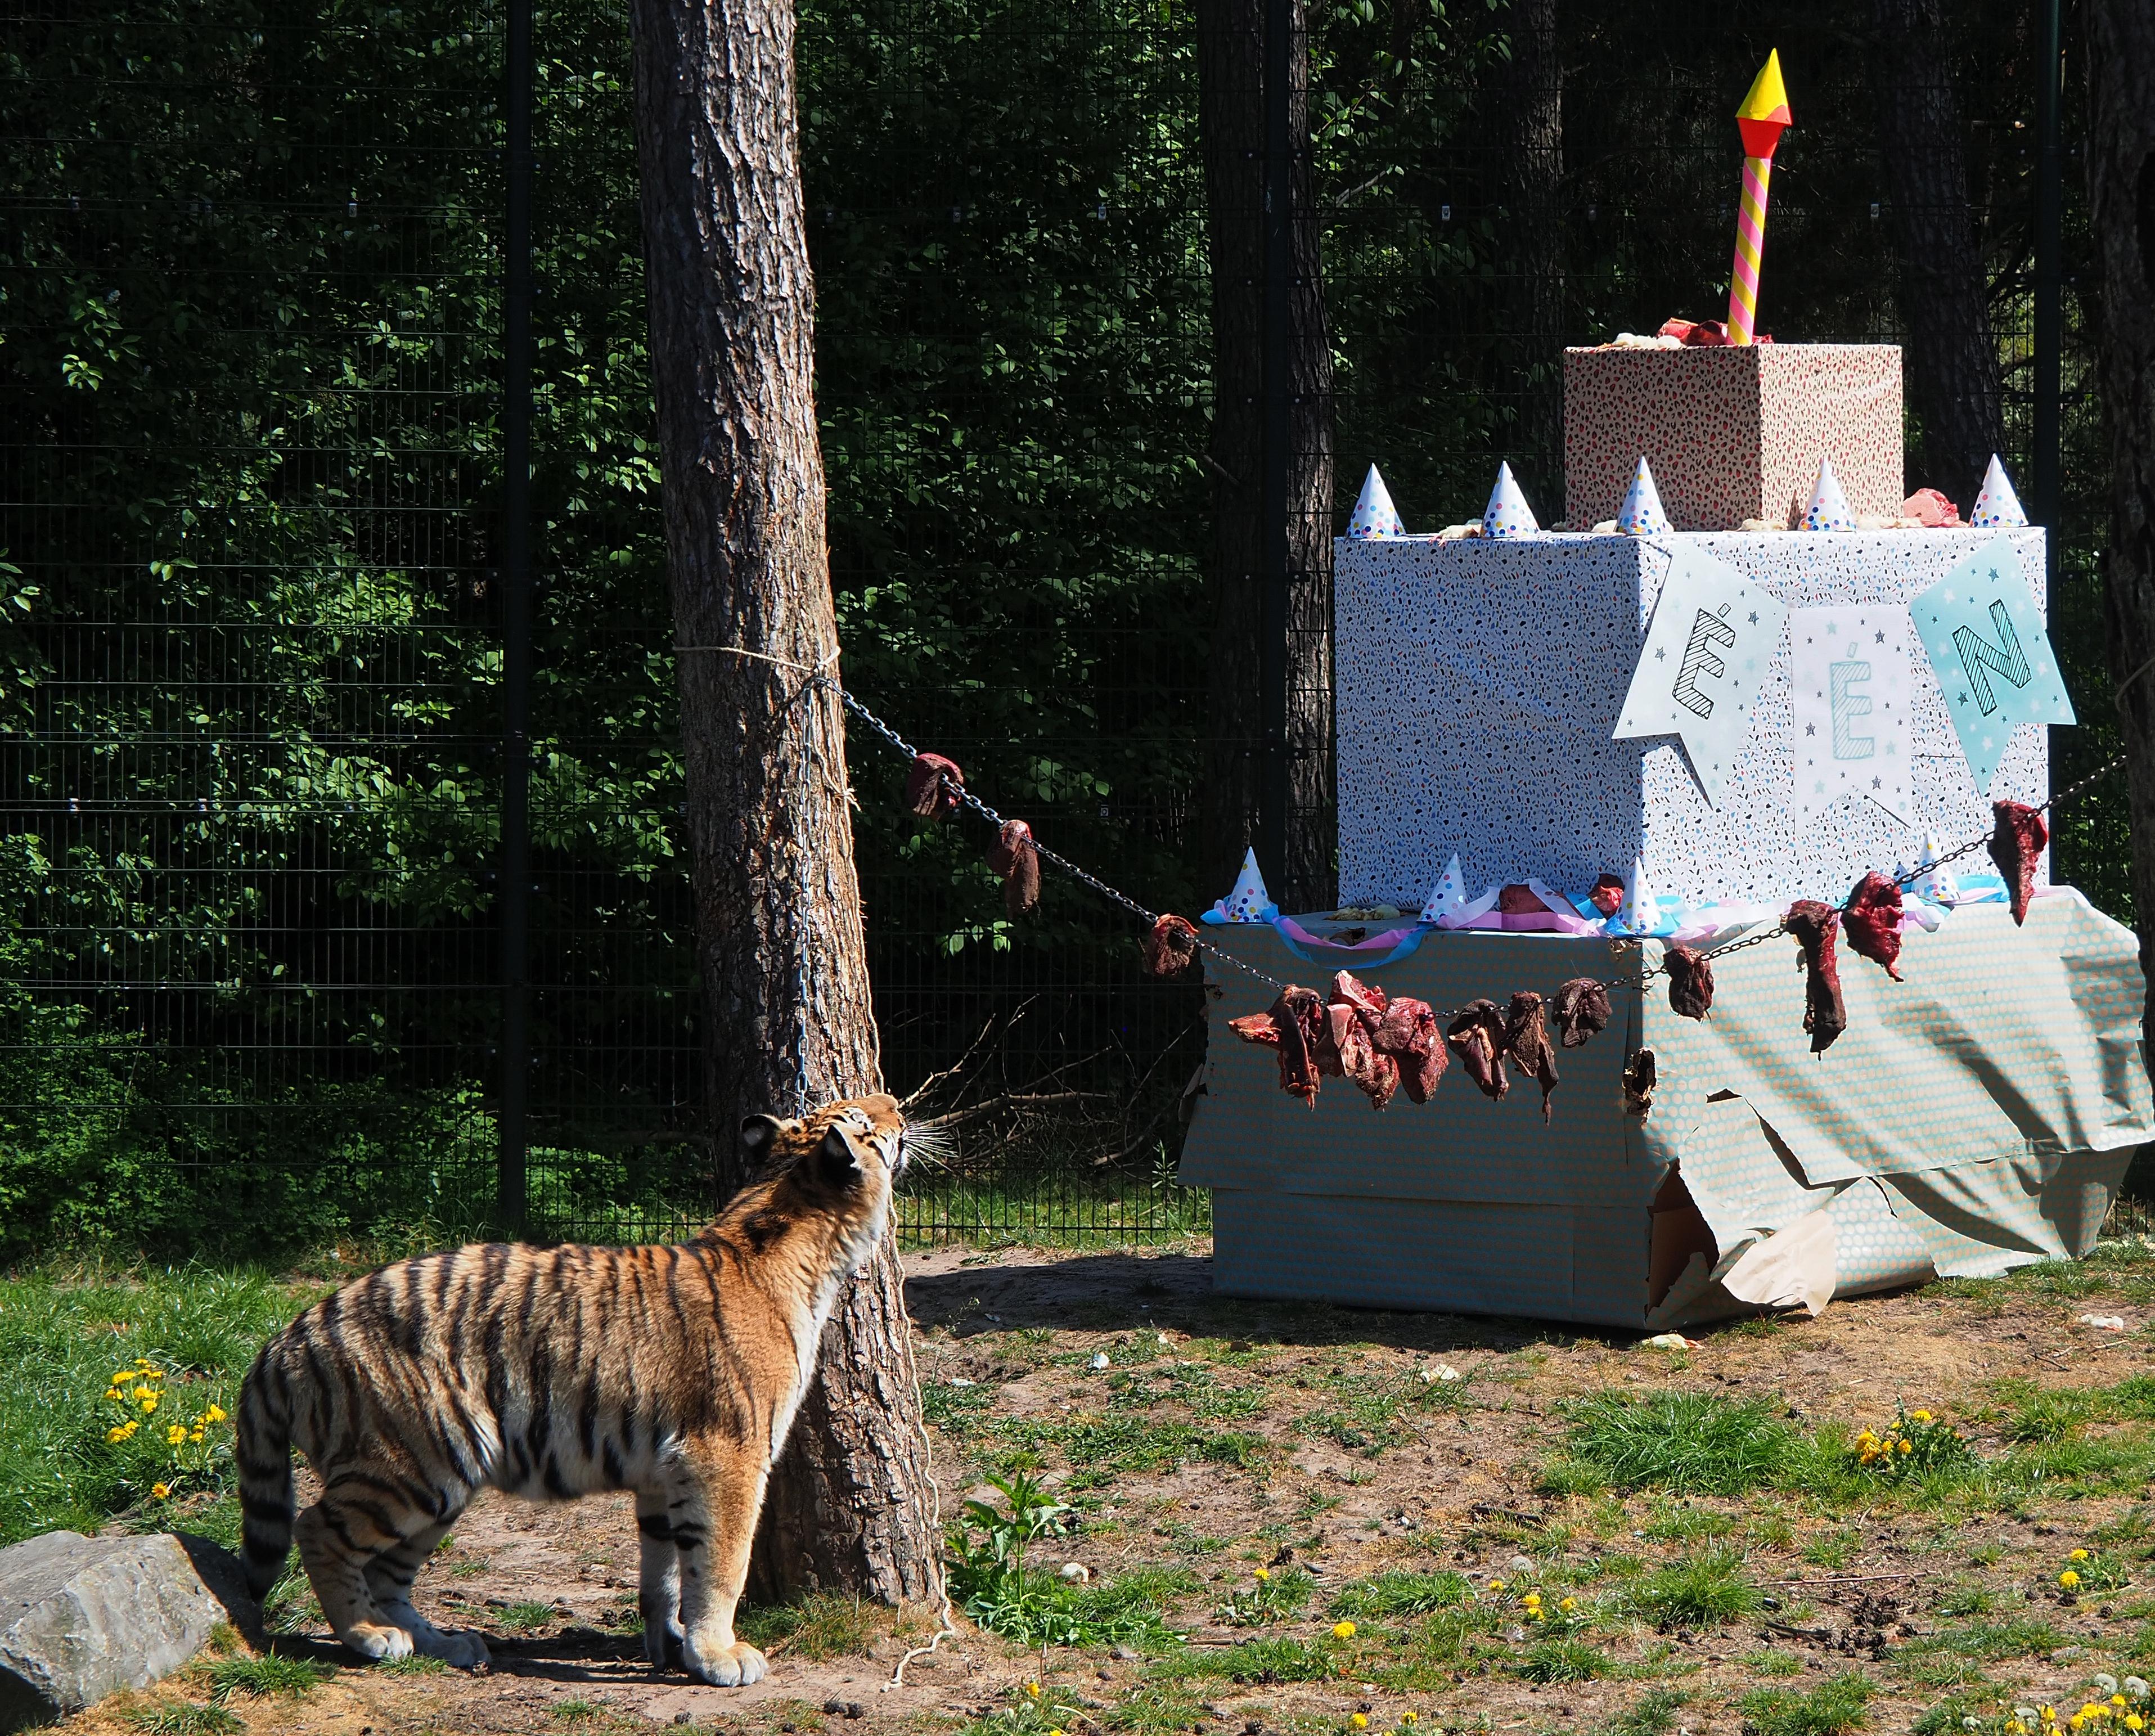 tijgertjes-verjaardag-%283%29.jpg